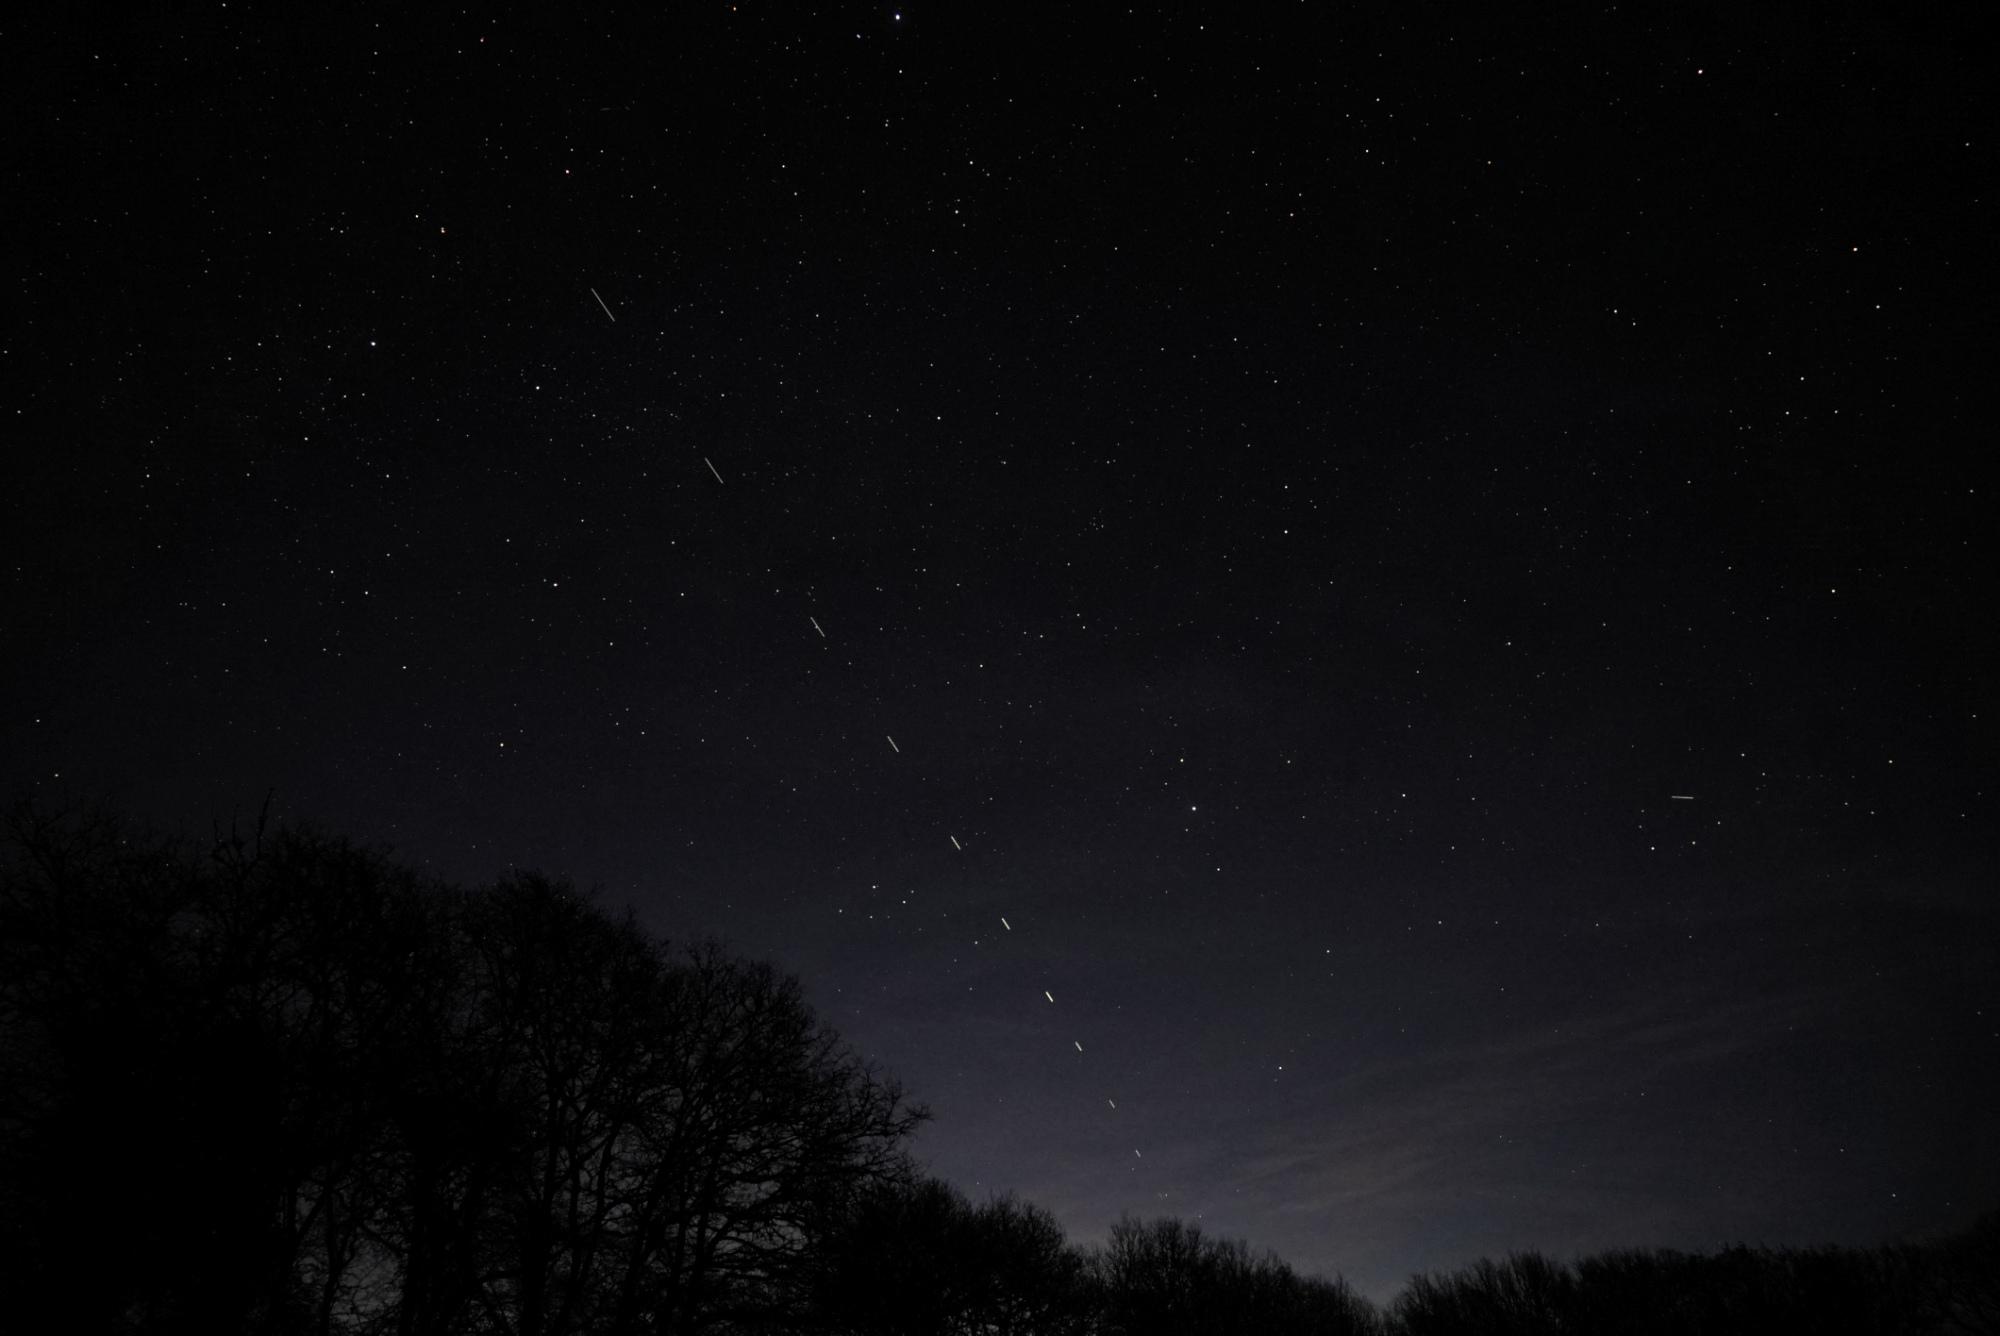 starlink3-aubette-220220-5h31m08-24mmf4bsb-2s.thumb.jpg.81eeb74f7869d71c30efcdf43b9b02b7.jpg